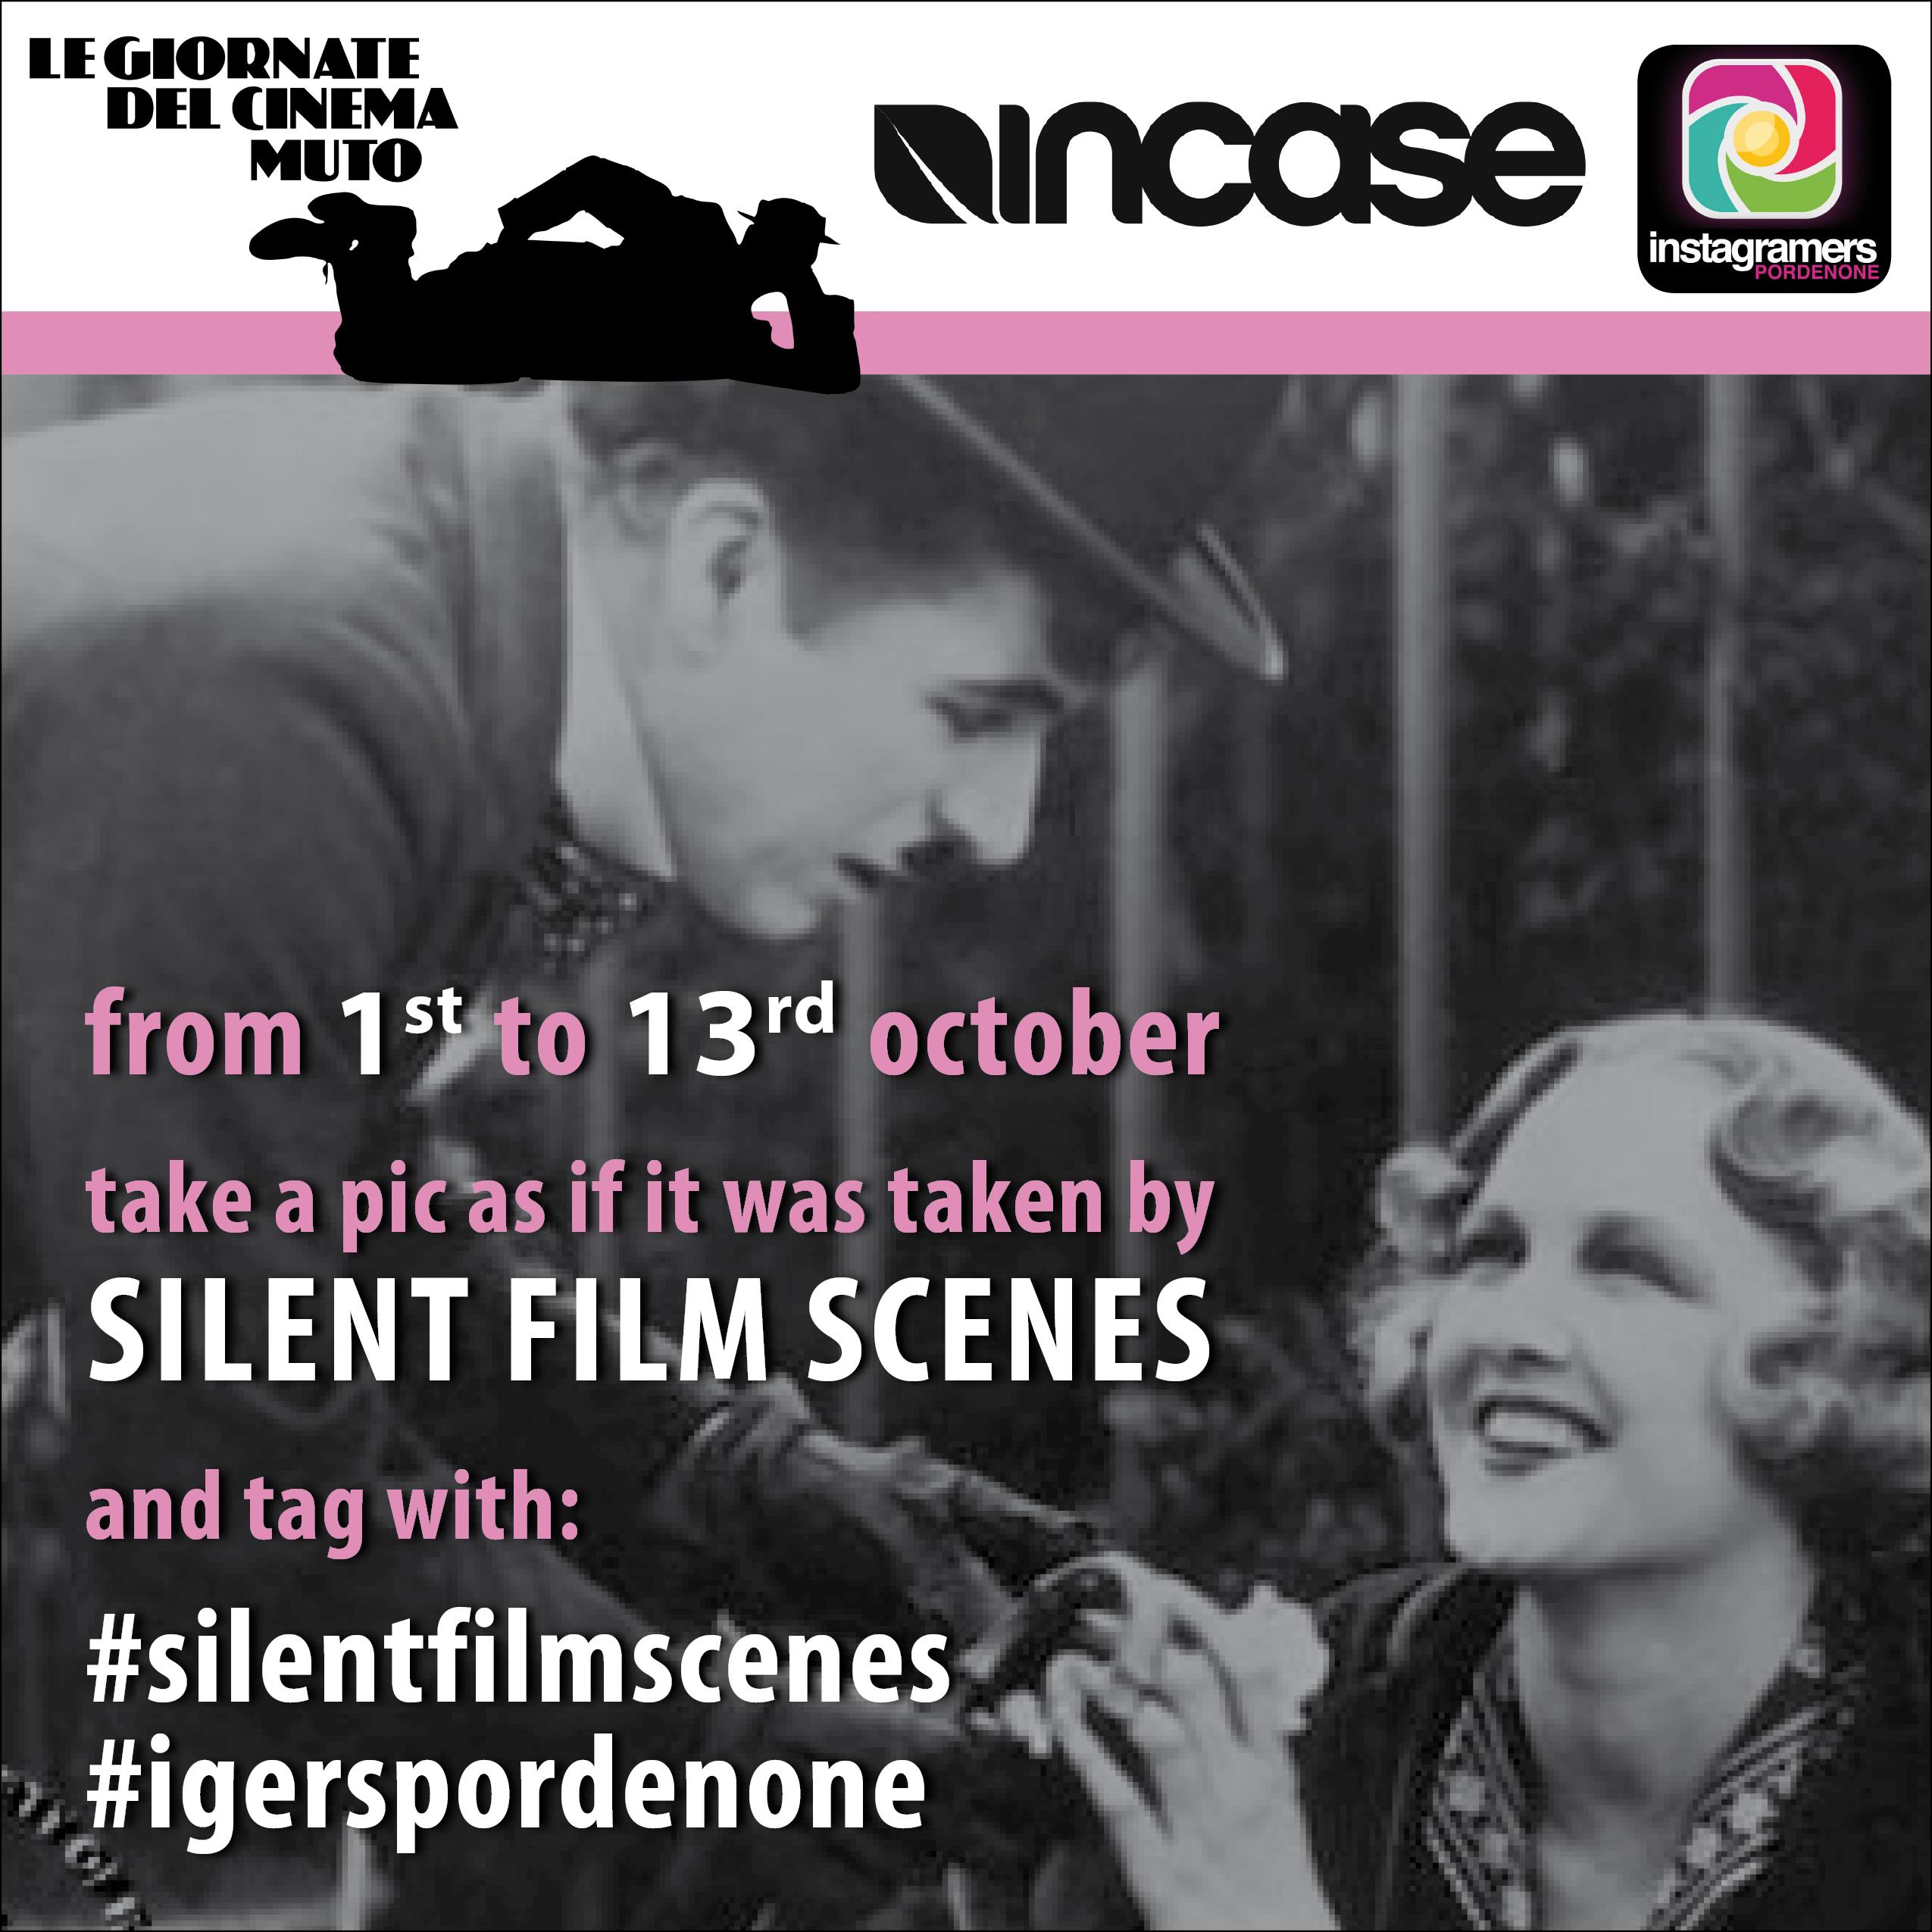 SilentFilmScenes con IgersPordenone